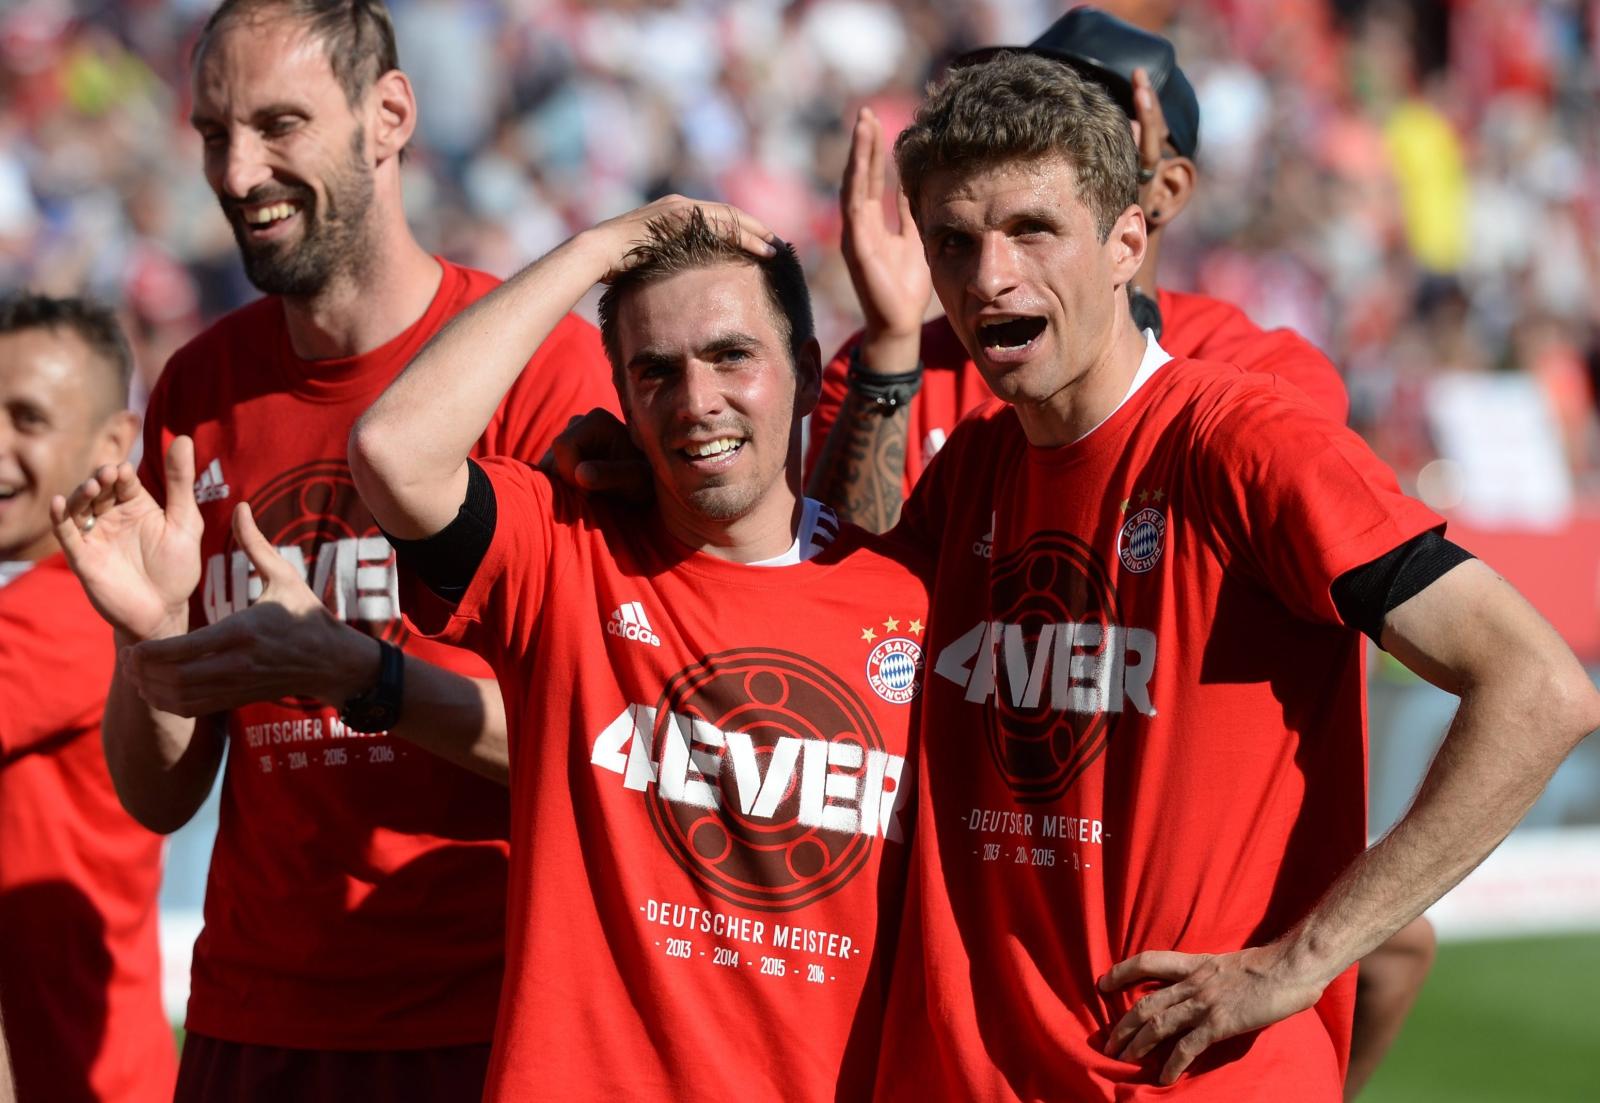 629917362 Bayern Monachium ma nowe stroje. Zobacz, w czym zagra Robert Lewandowski  (zdjęcia) - WP SportoweFakty